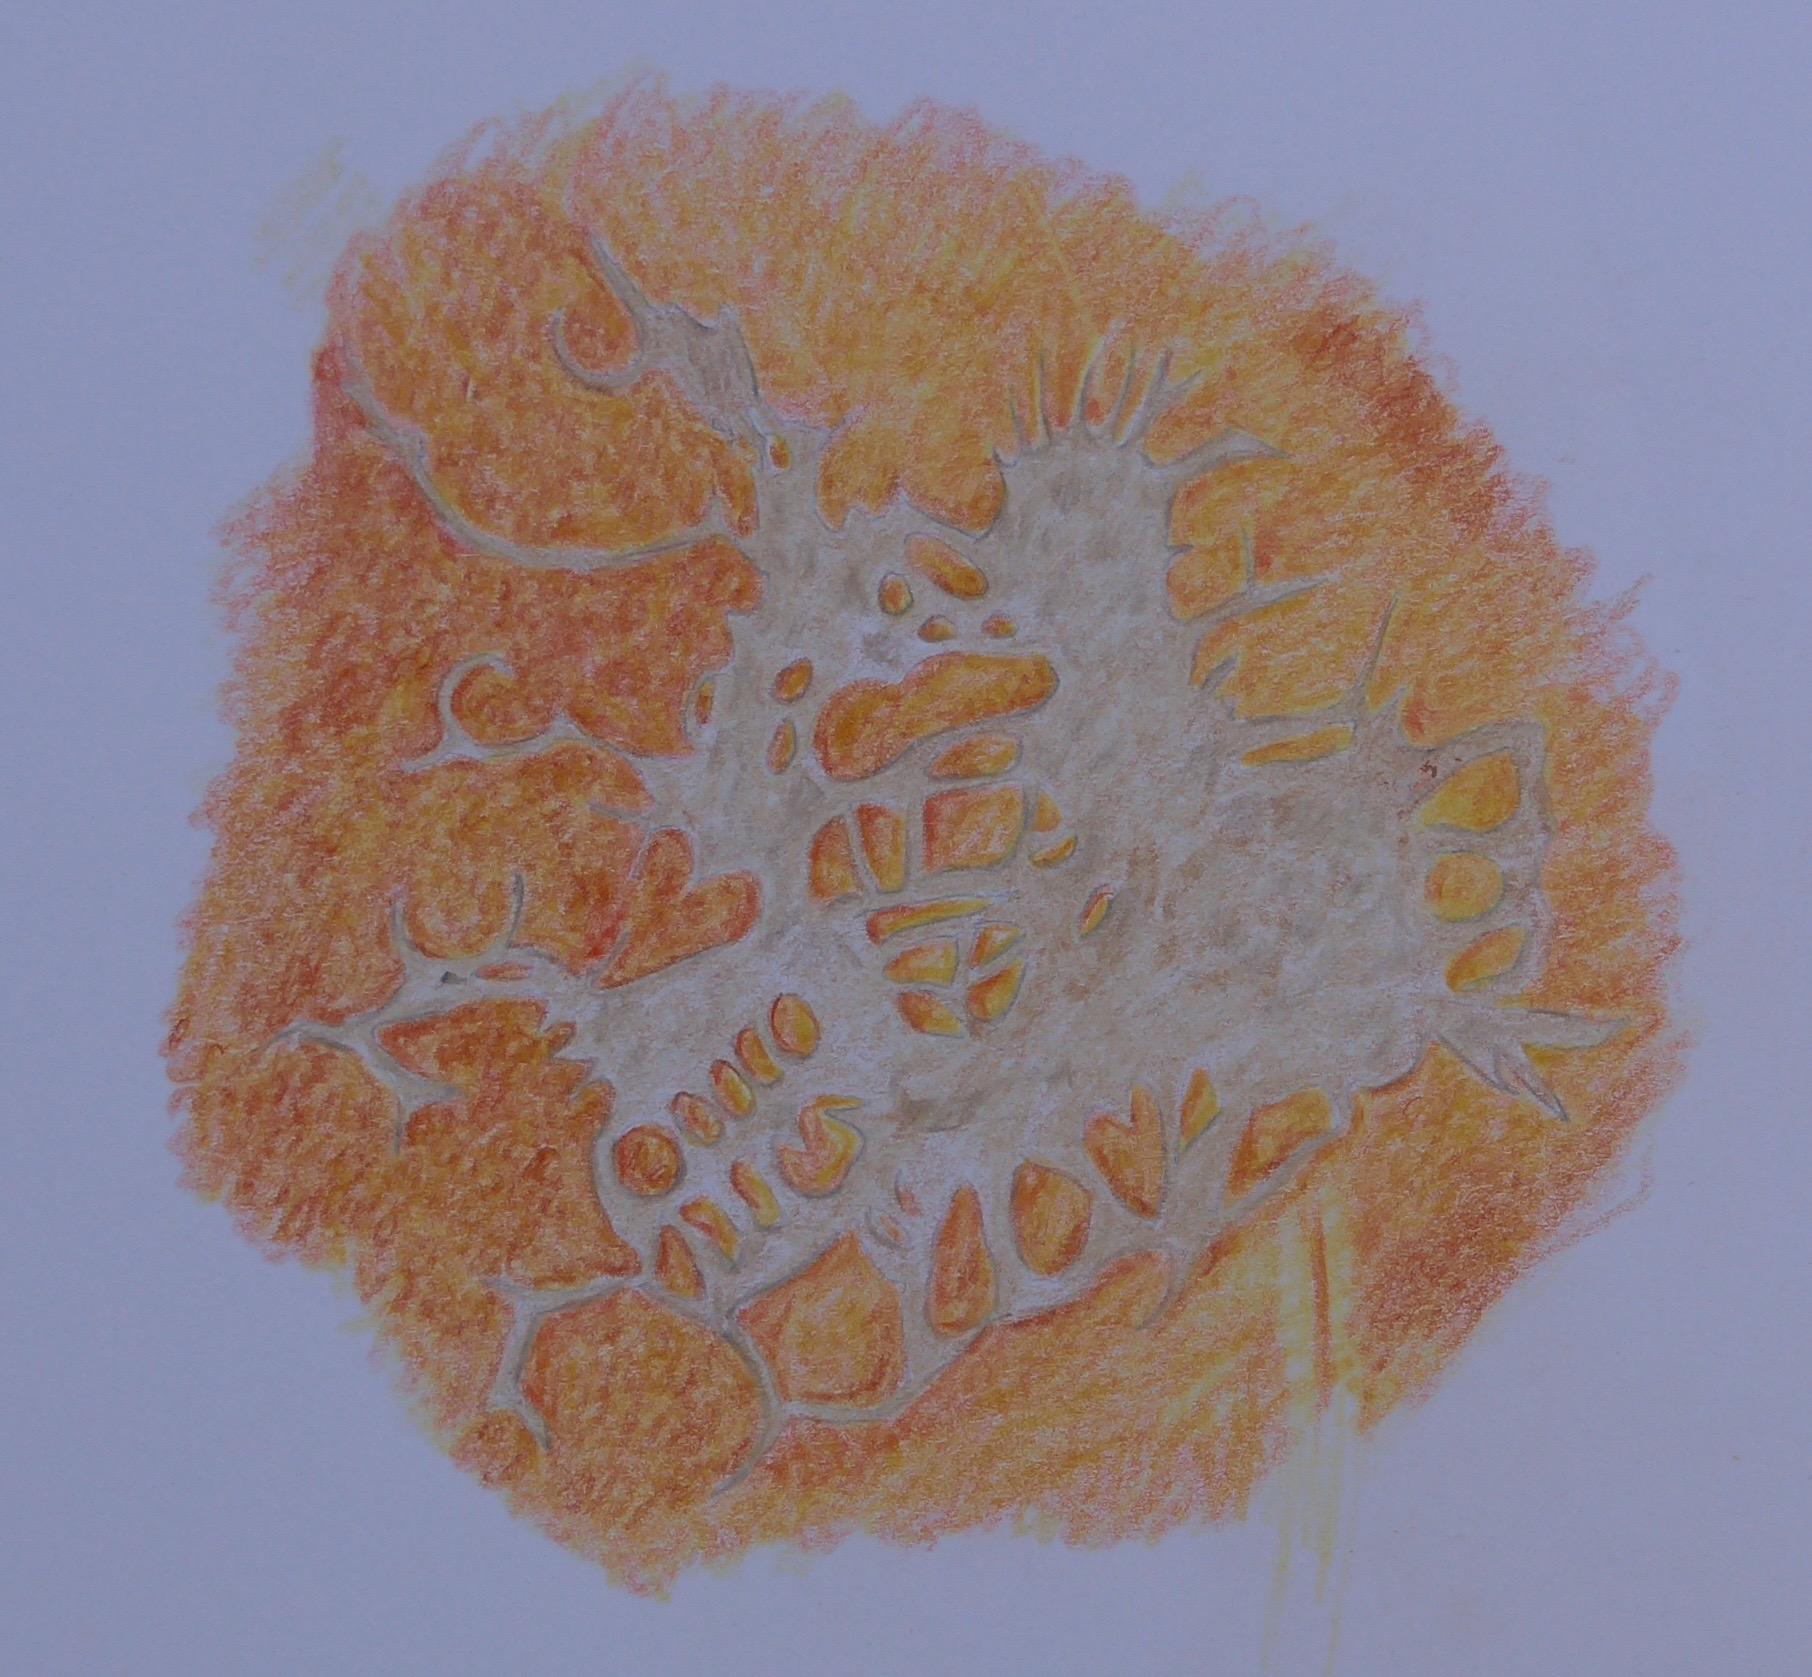 273 Corky skin of pumpkin